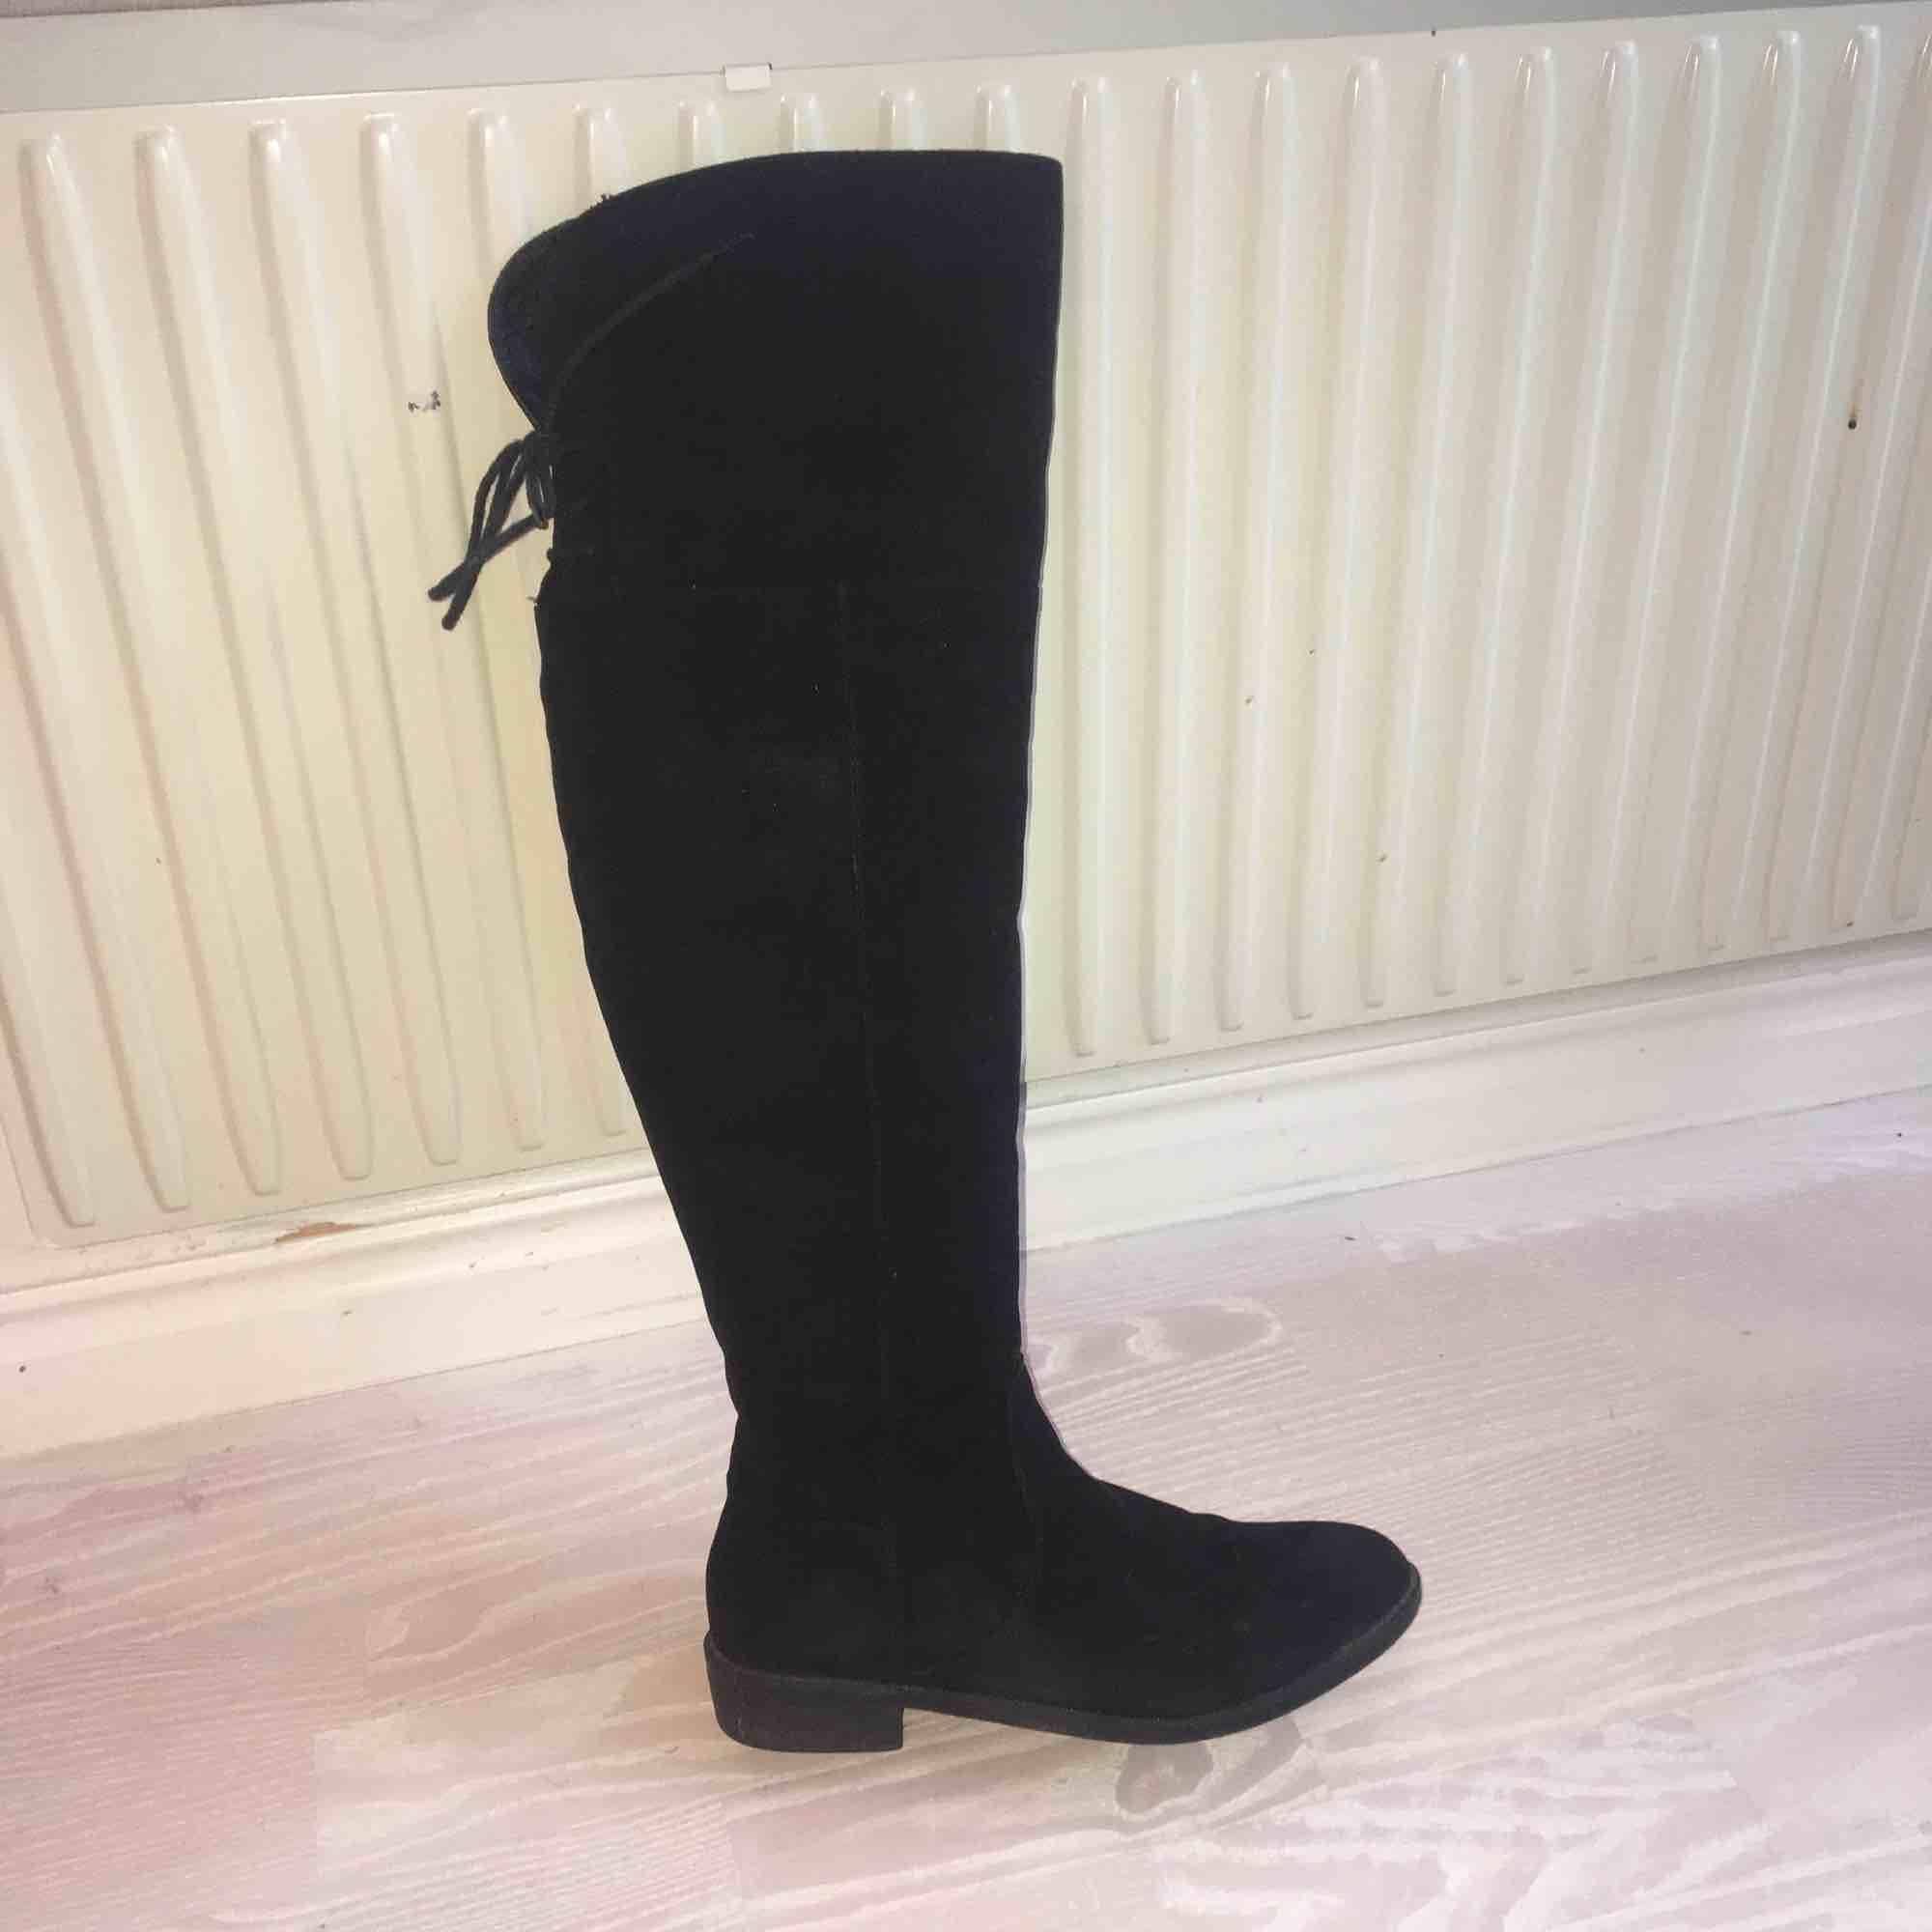 59a9915c5b3 Snygga svarta overknee-boots med snörning. Det syns att de är använda, ...